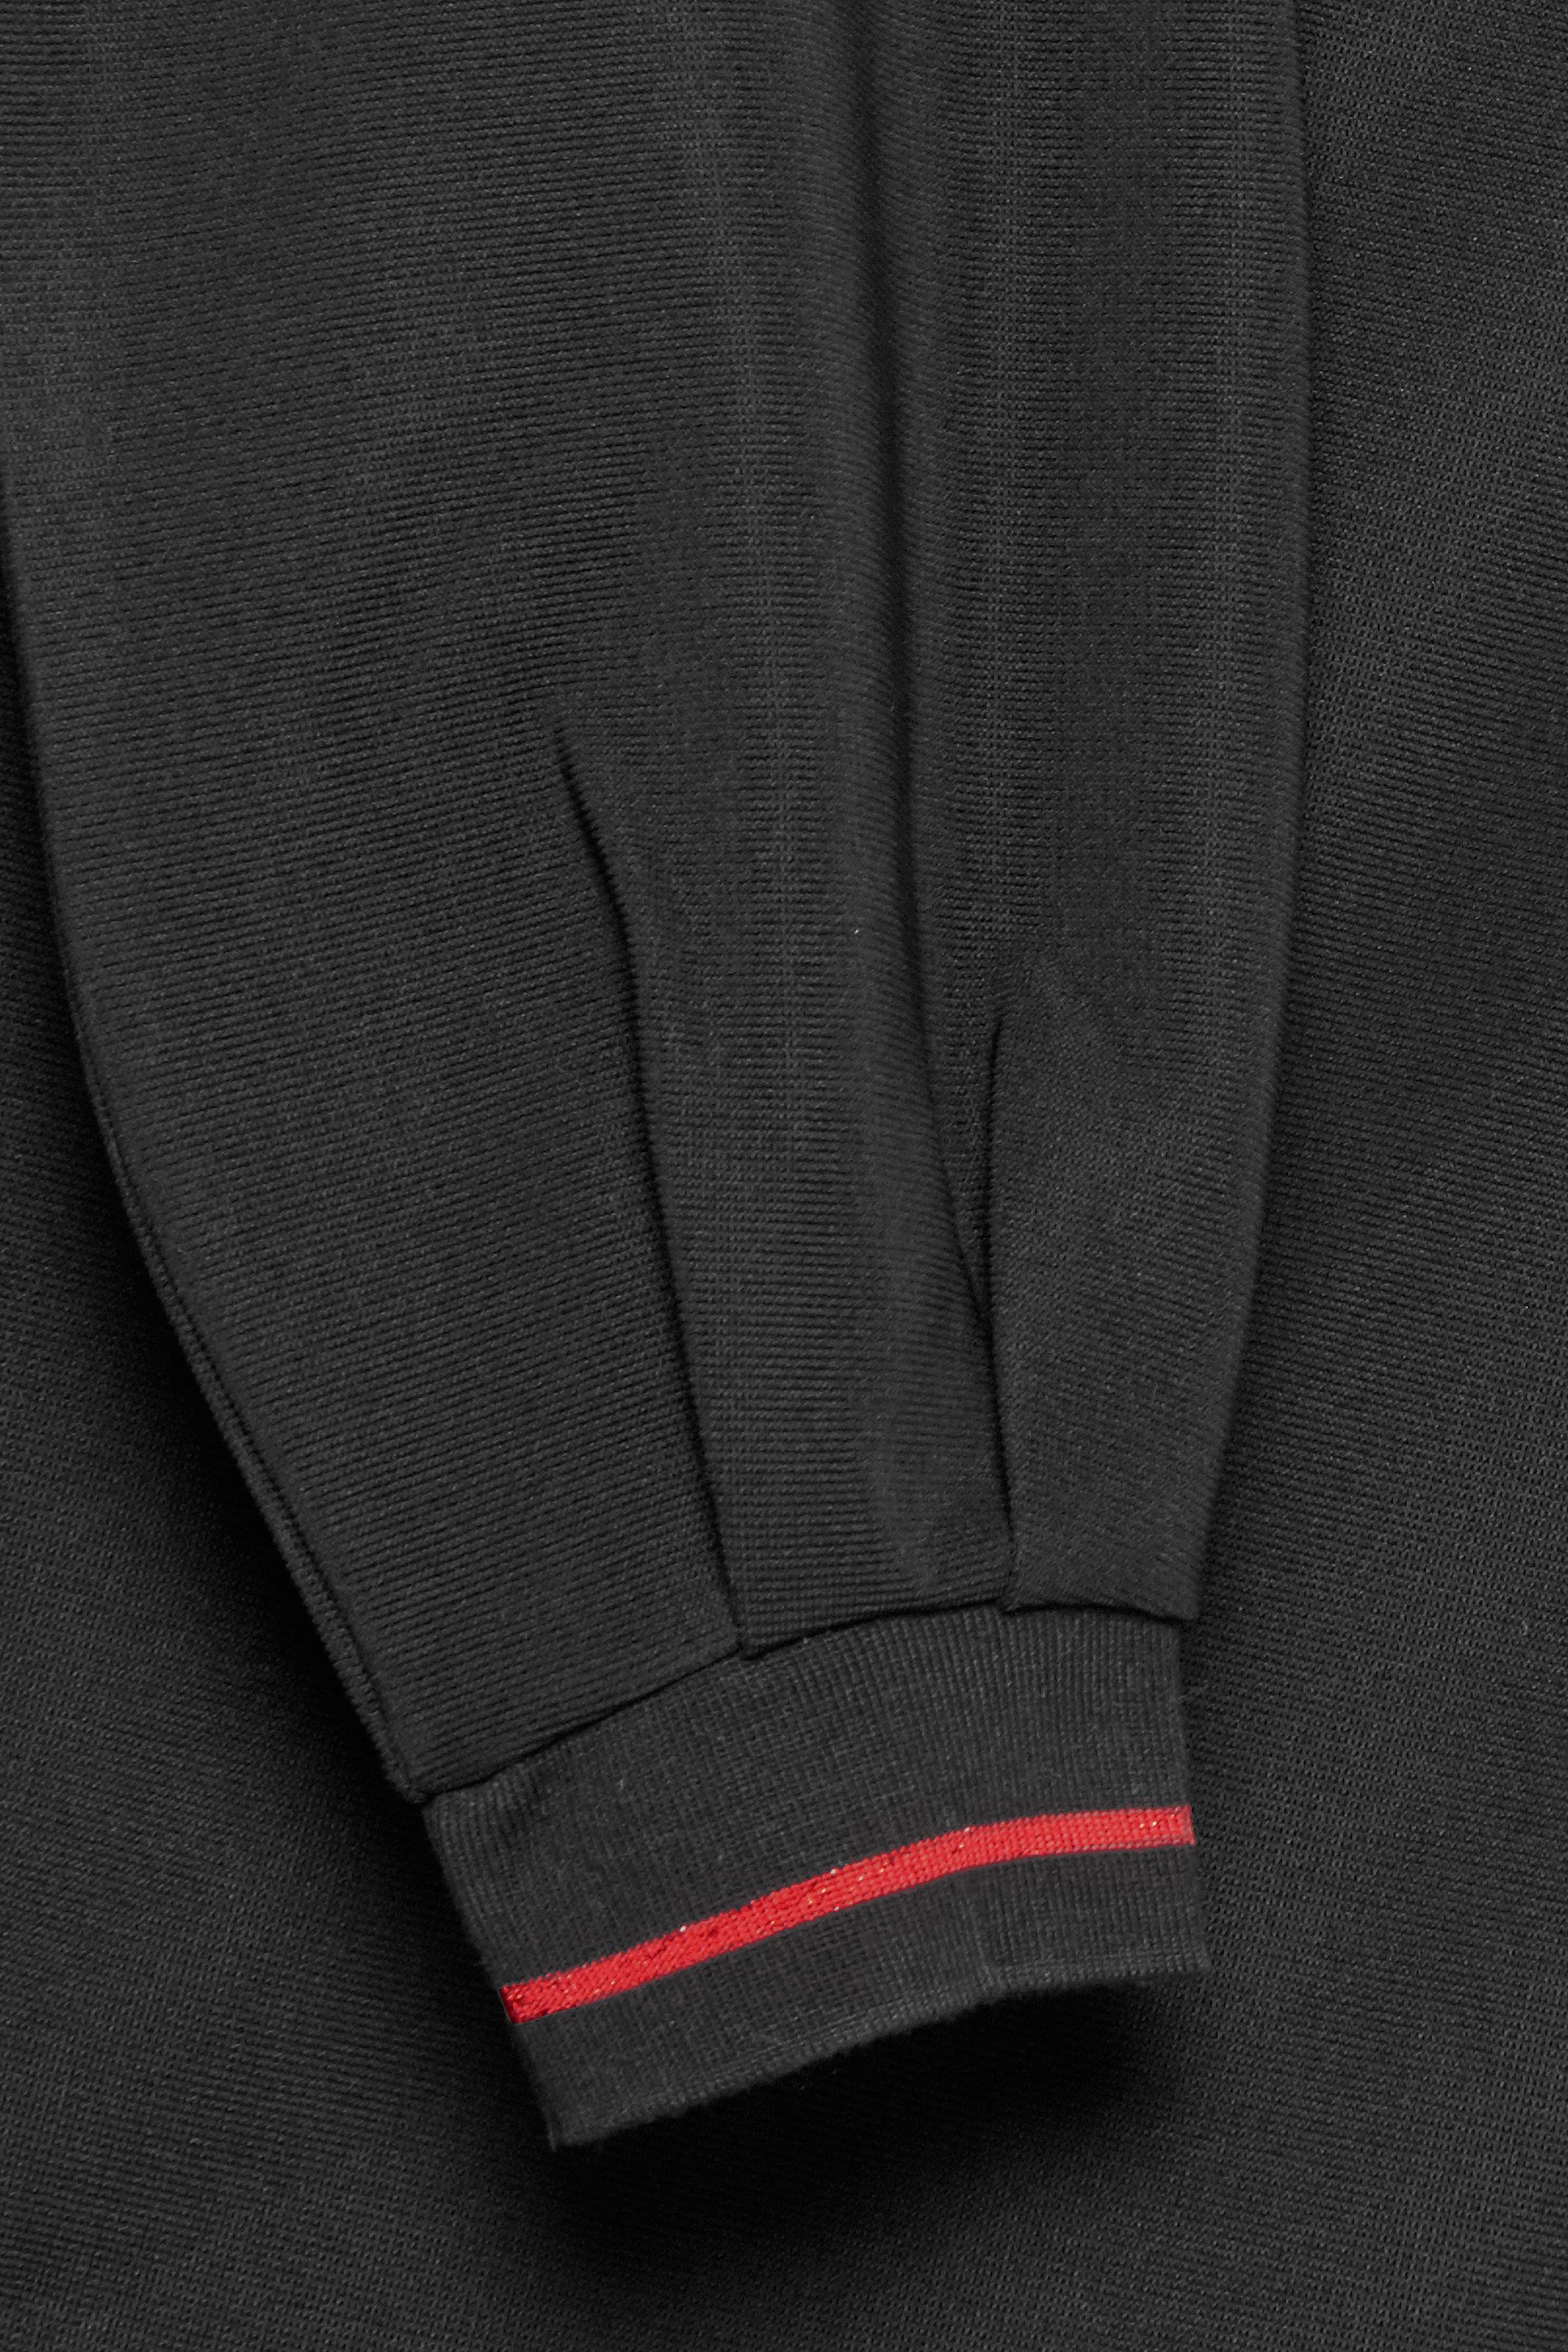 Black Jerseykleid von b.young – Kaufen Sie Black Jerseykleid aus Größe XS-XXL hier